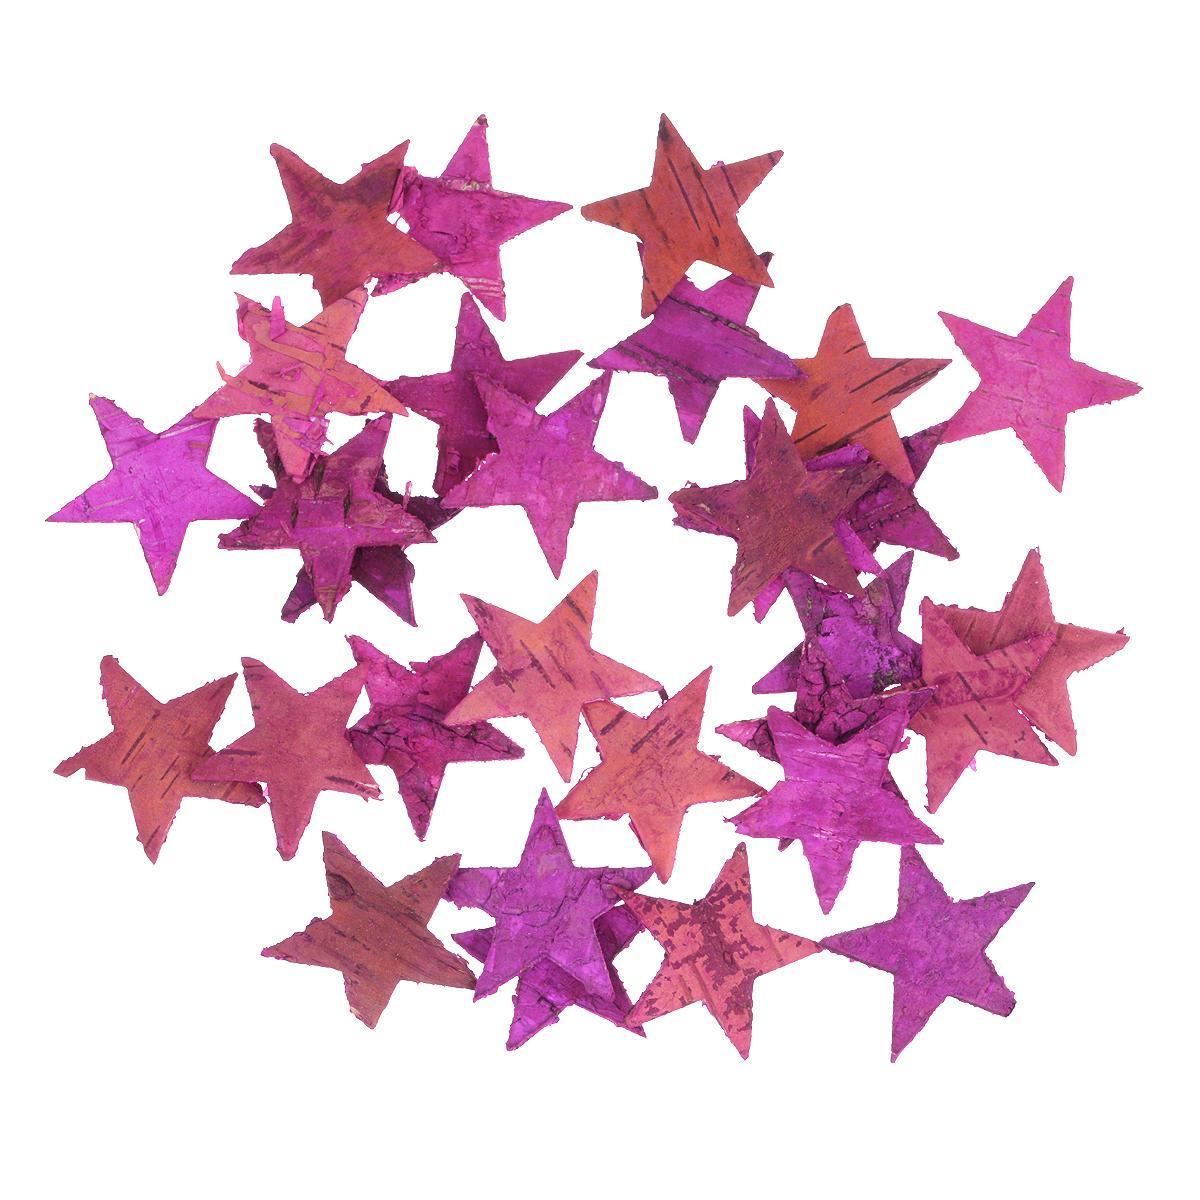 Декоративный элемент Dongjiang Art Звезда, цвет: розовый, 30 штC0042416Декоративный элемент Dongjiang Art Звезда, изготовленный из натуральной коры дерева, предназначен для украшения цветочных композиций. Изделие можно также использовать в технике скрапбукинг и многом другом. Флористика - вид декоративно-прикладного искусства, который использует живые, засушенные или консервированные природные материалы для создания флористических работ. Это целый мир, в котором есть место и строгому математическому расчету, и вдохновению.